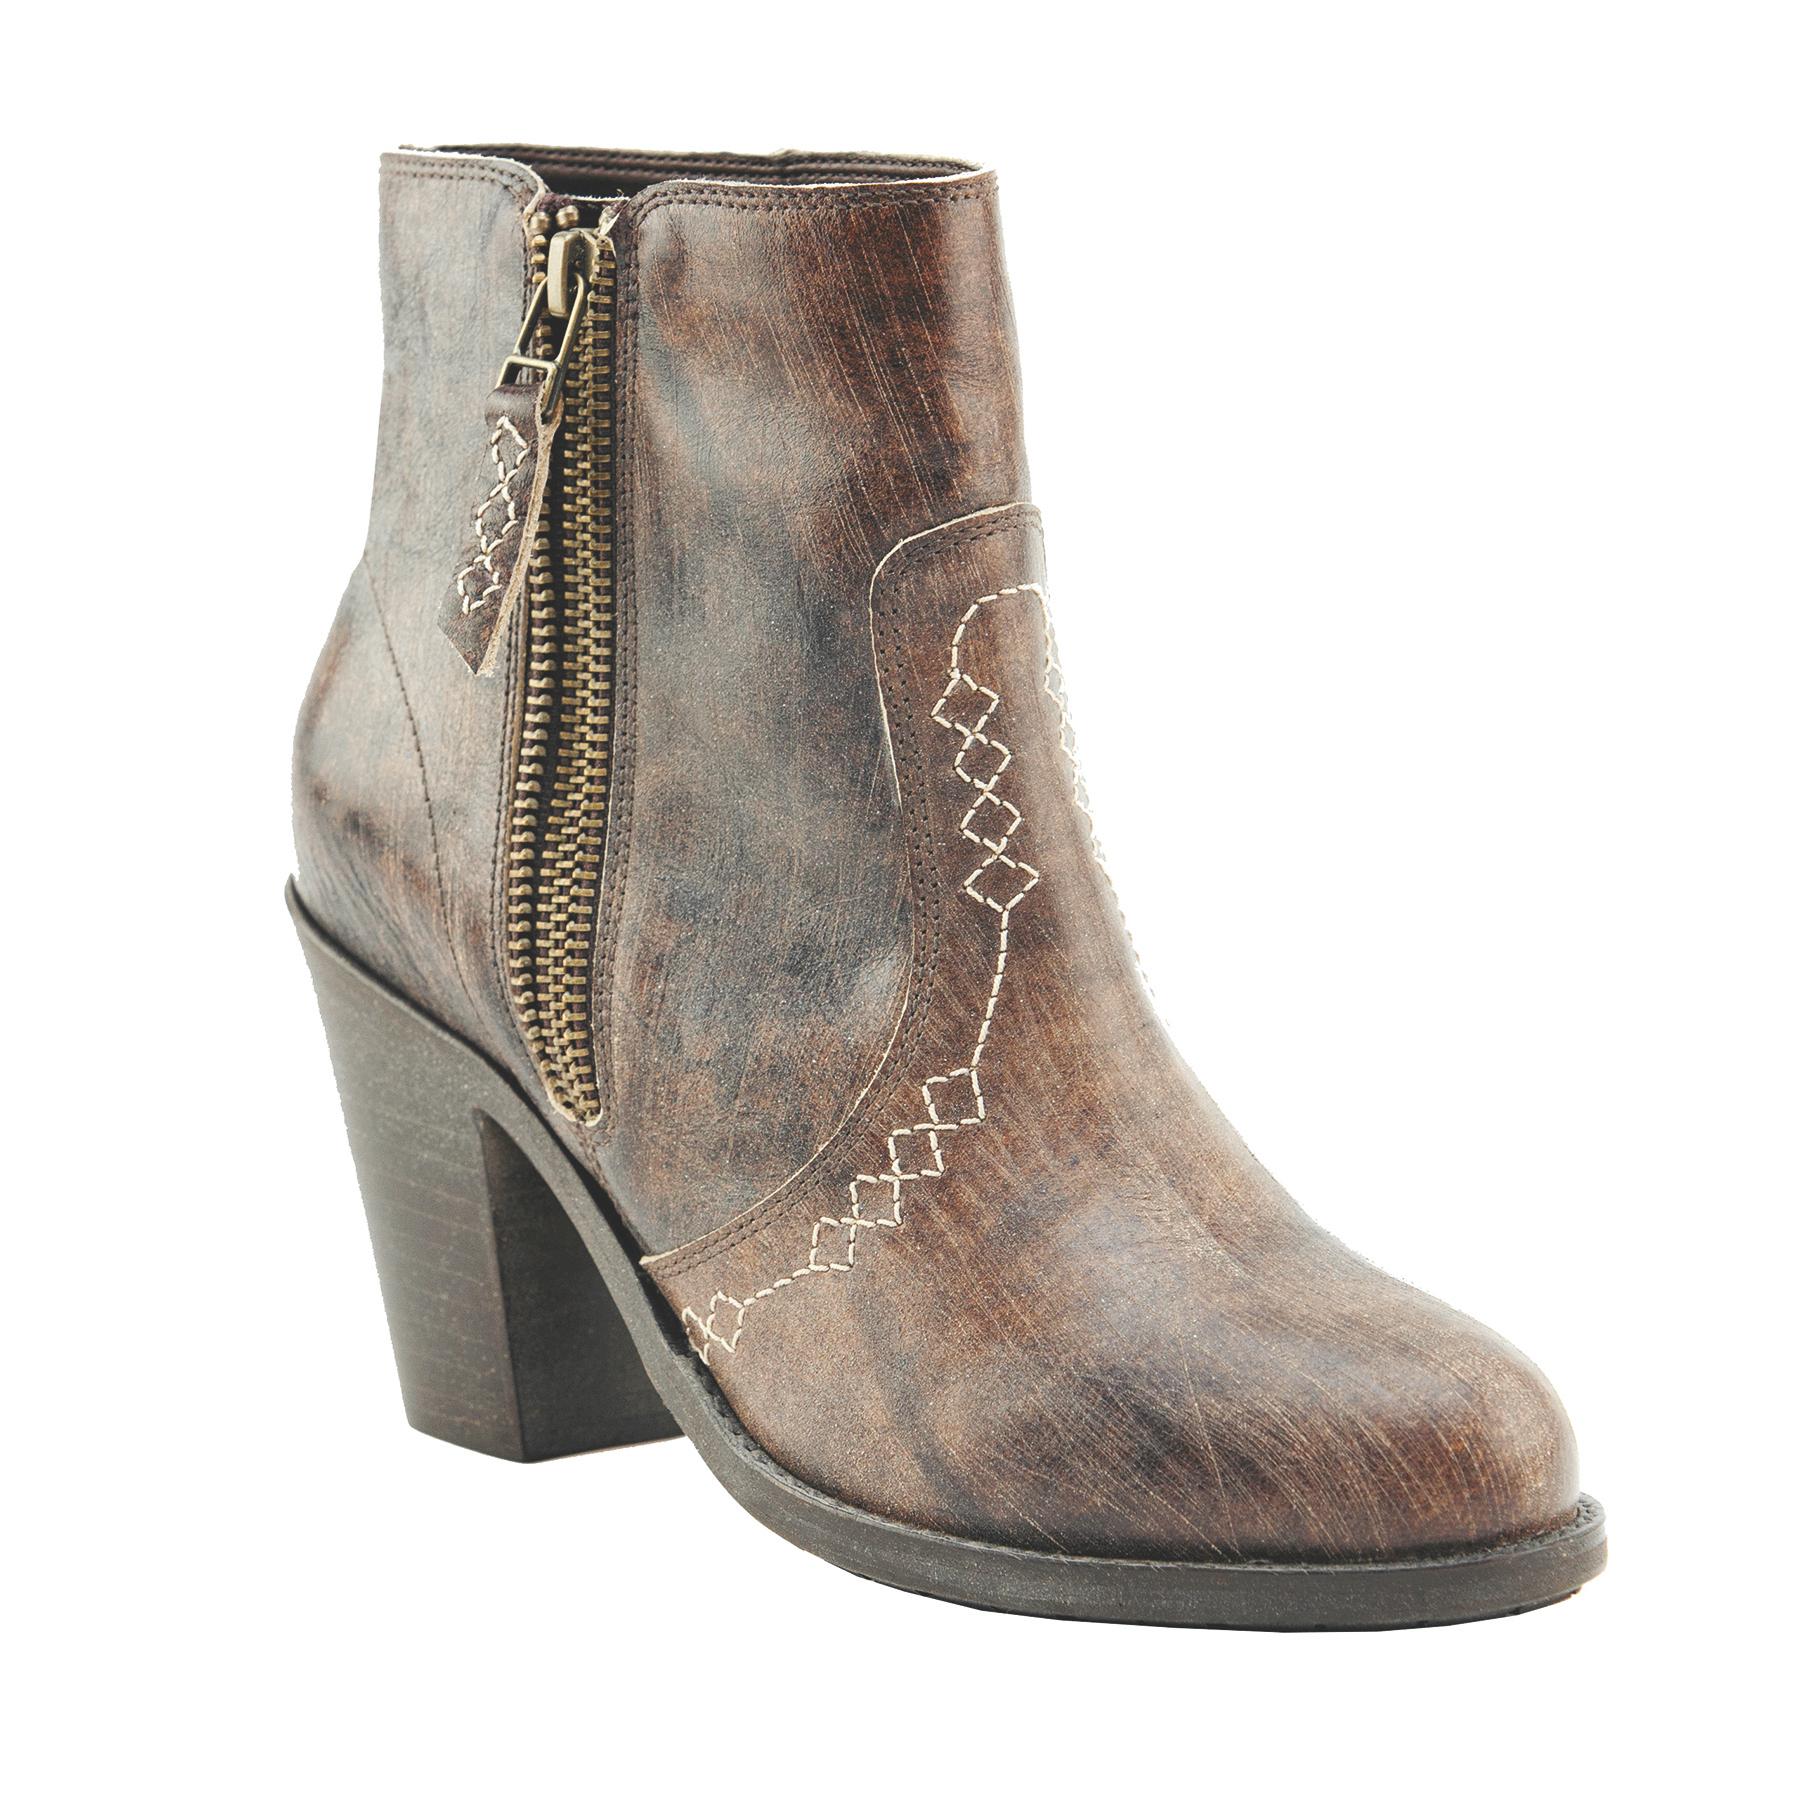 Ariat Women's Baja Short Boot